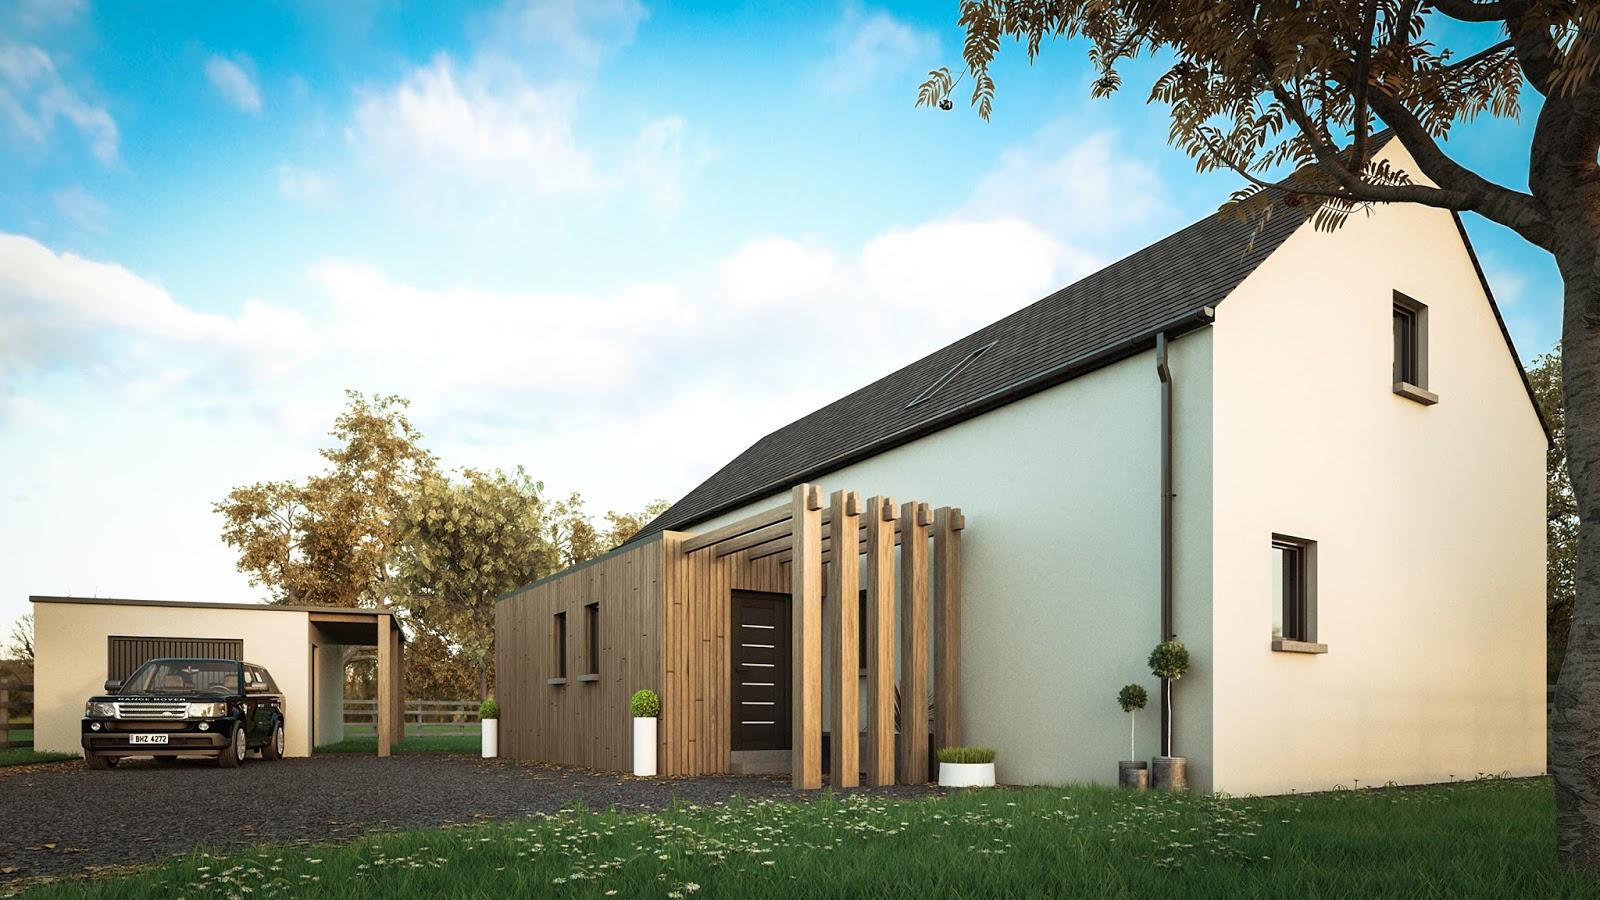 Slemish Design Studio Architects